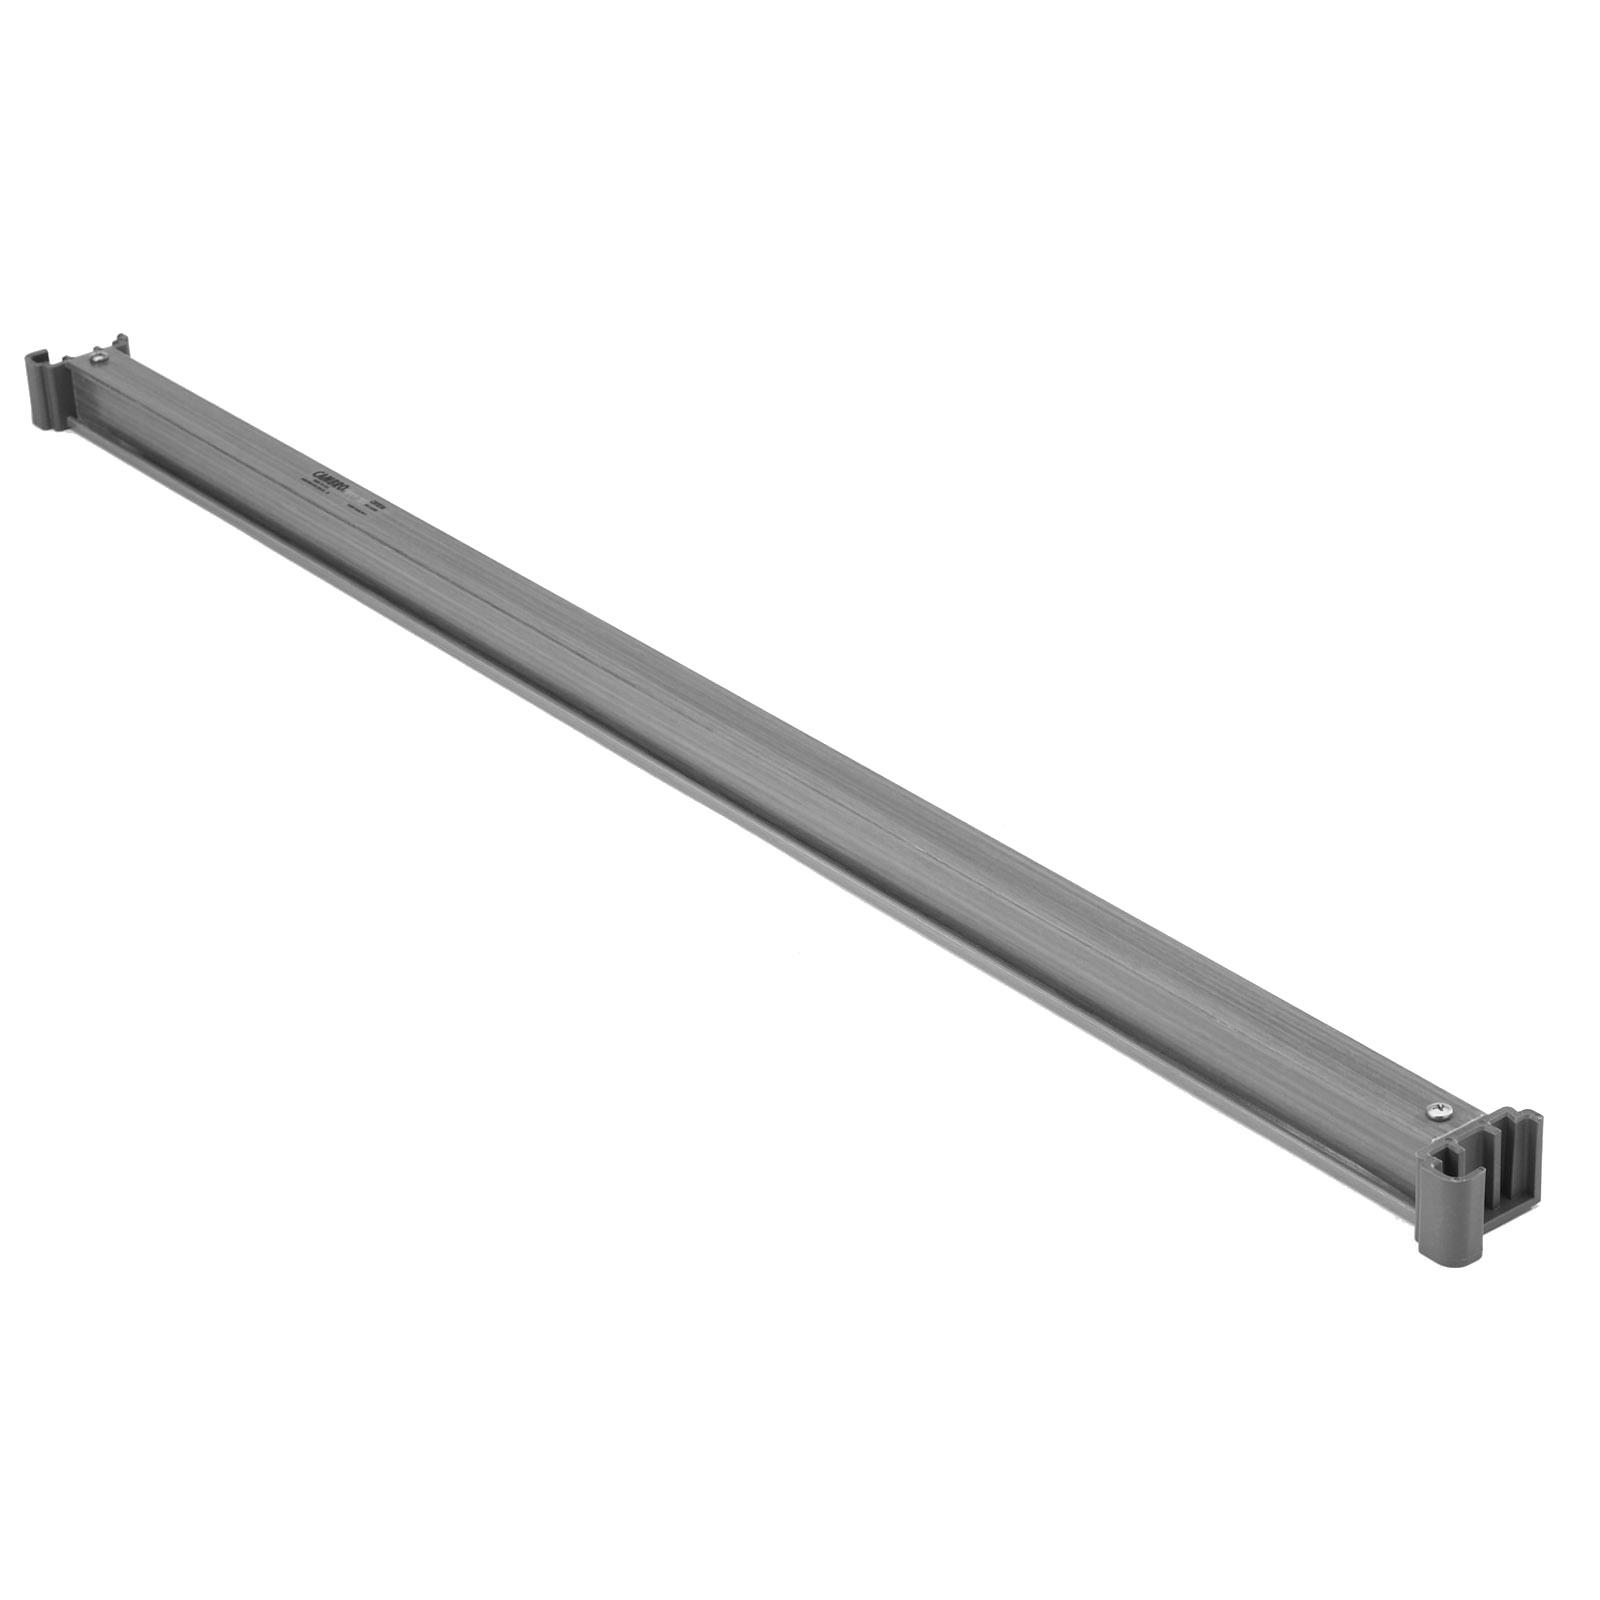 Cambro CBTR482PK580 shelving/shelving systems